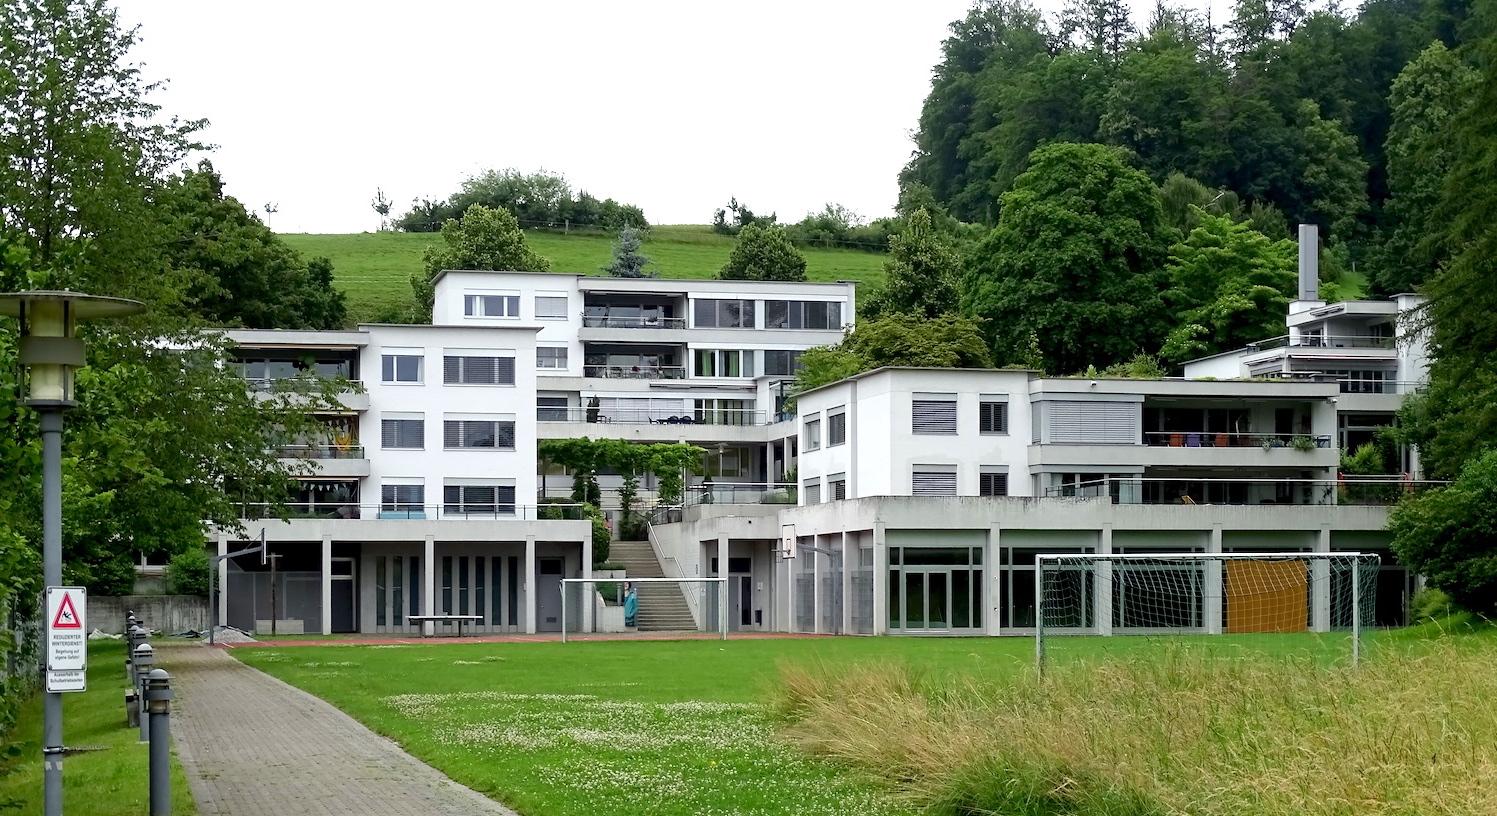 Kinder- und Jugendsiedlung, Utenberg, Hallenbad, Schule, Zwischennutzung